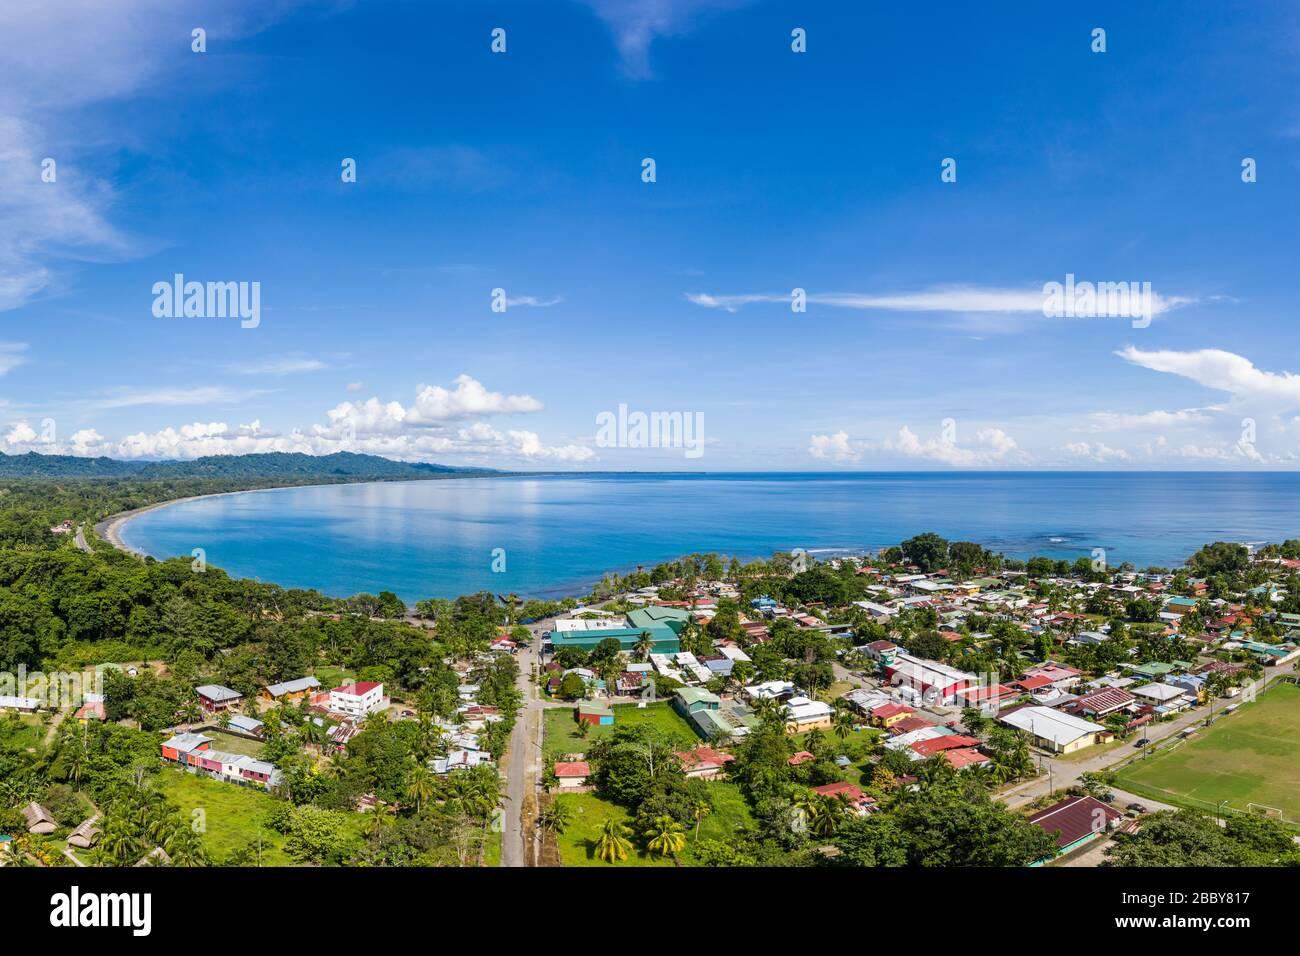 Vista aérea frente a Playa Negra y la ciudad costera caribeña sur de Puerto Viejo de Talamanca en la provincia de Limón, Costa Rica. Foto de stock